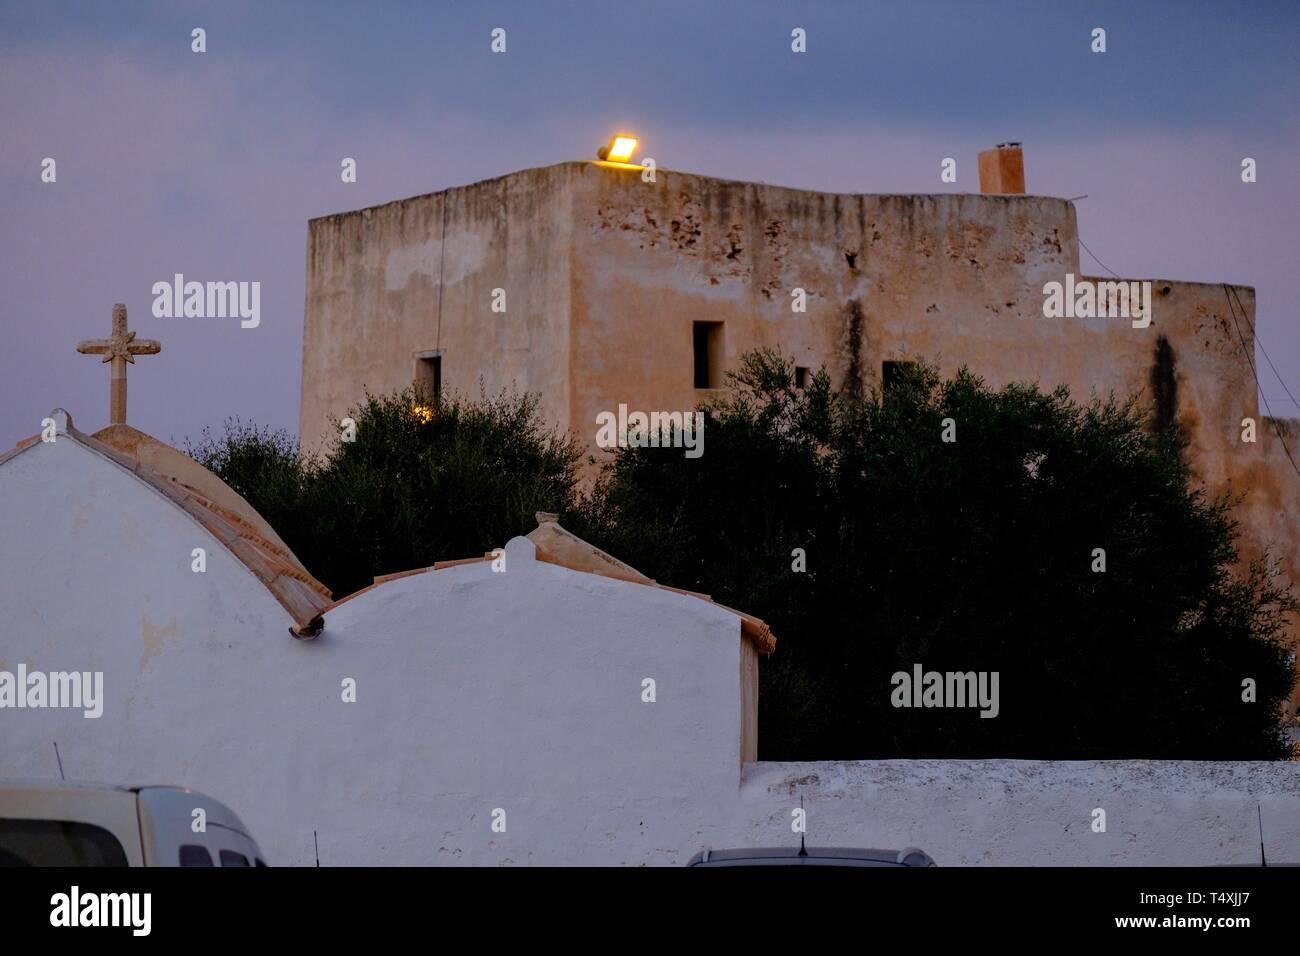 iglesia de Sant Francesc Xavier,ejemplo de iglesia fortificada, siglo XVIII, Formentera, balearic islands, Spain. - Stock Image